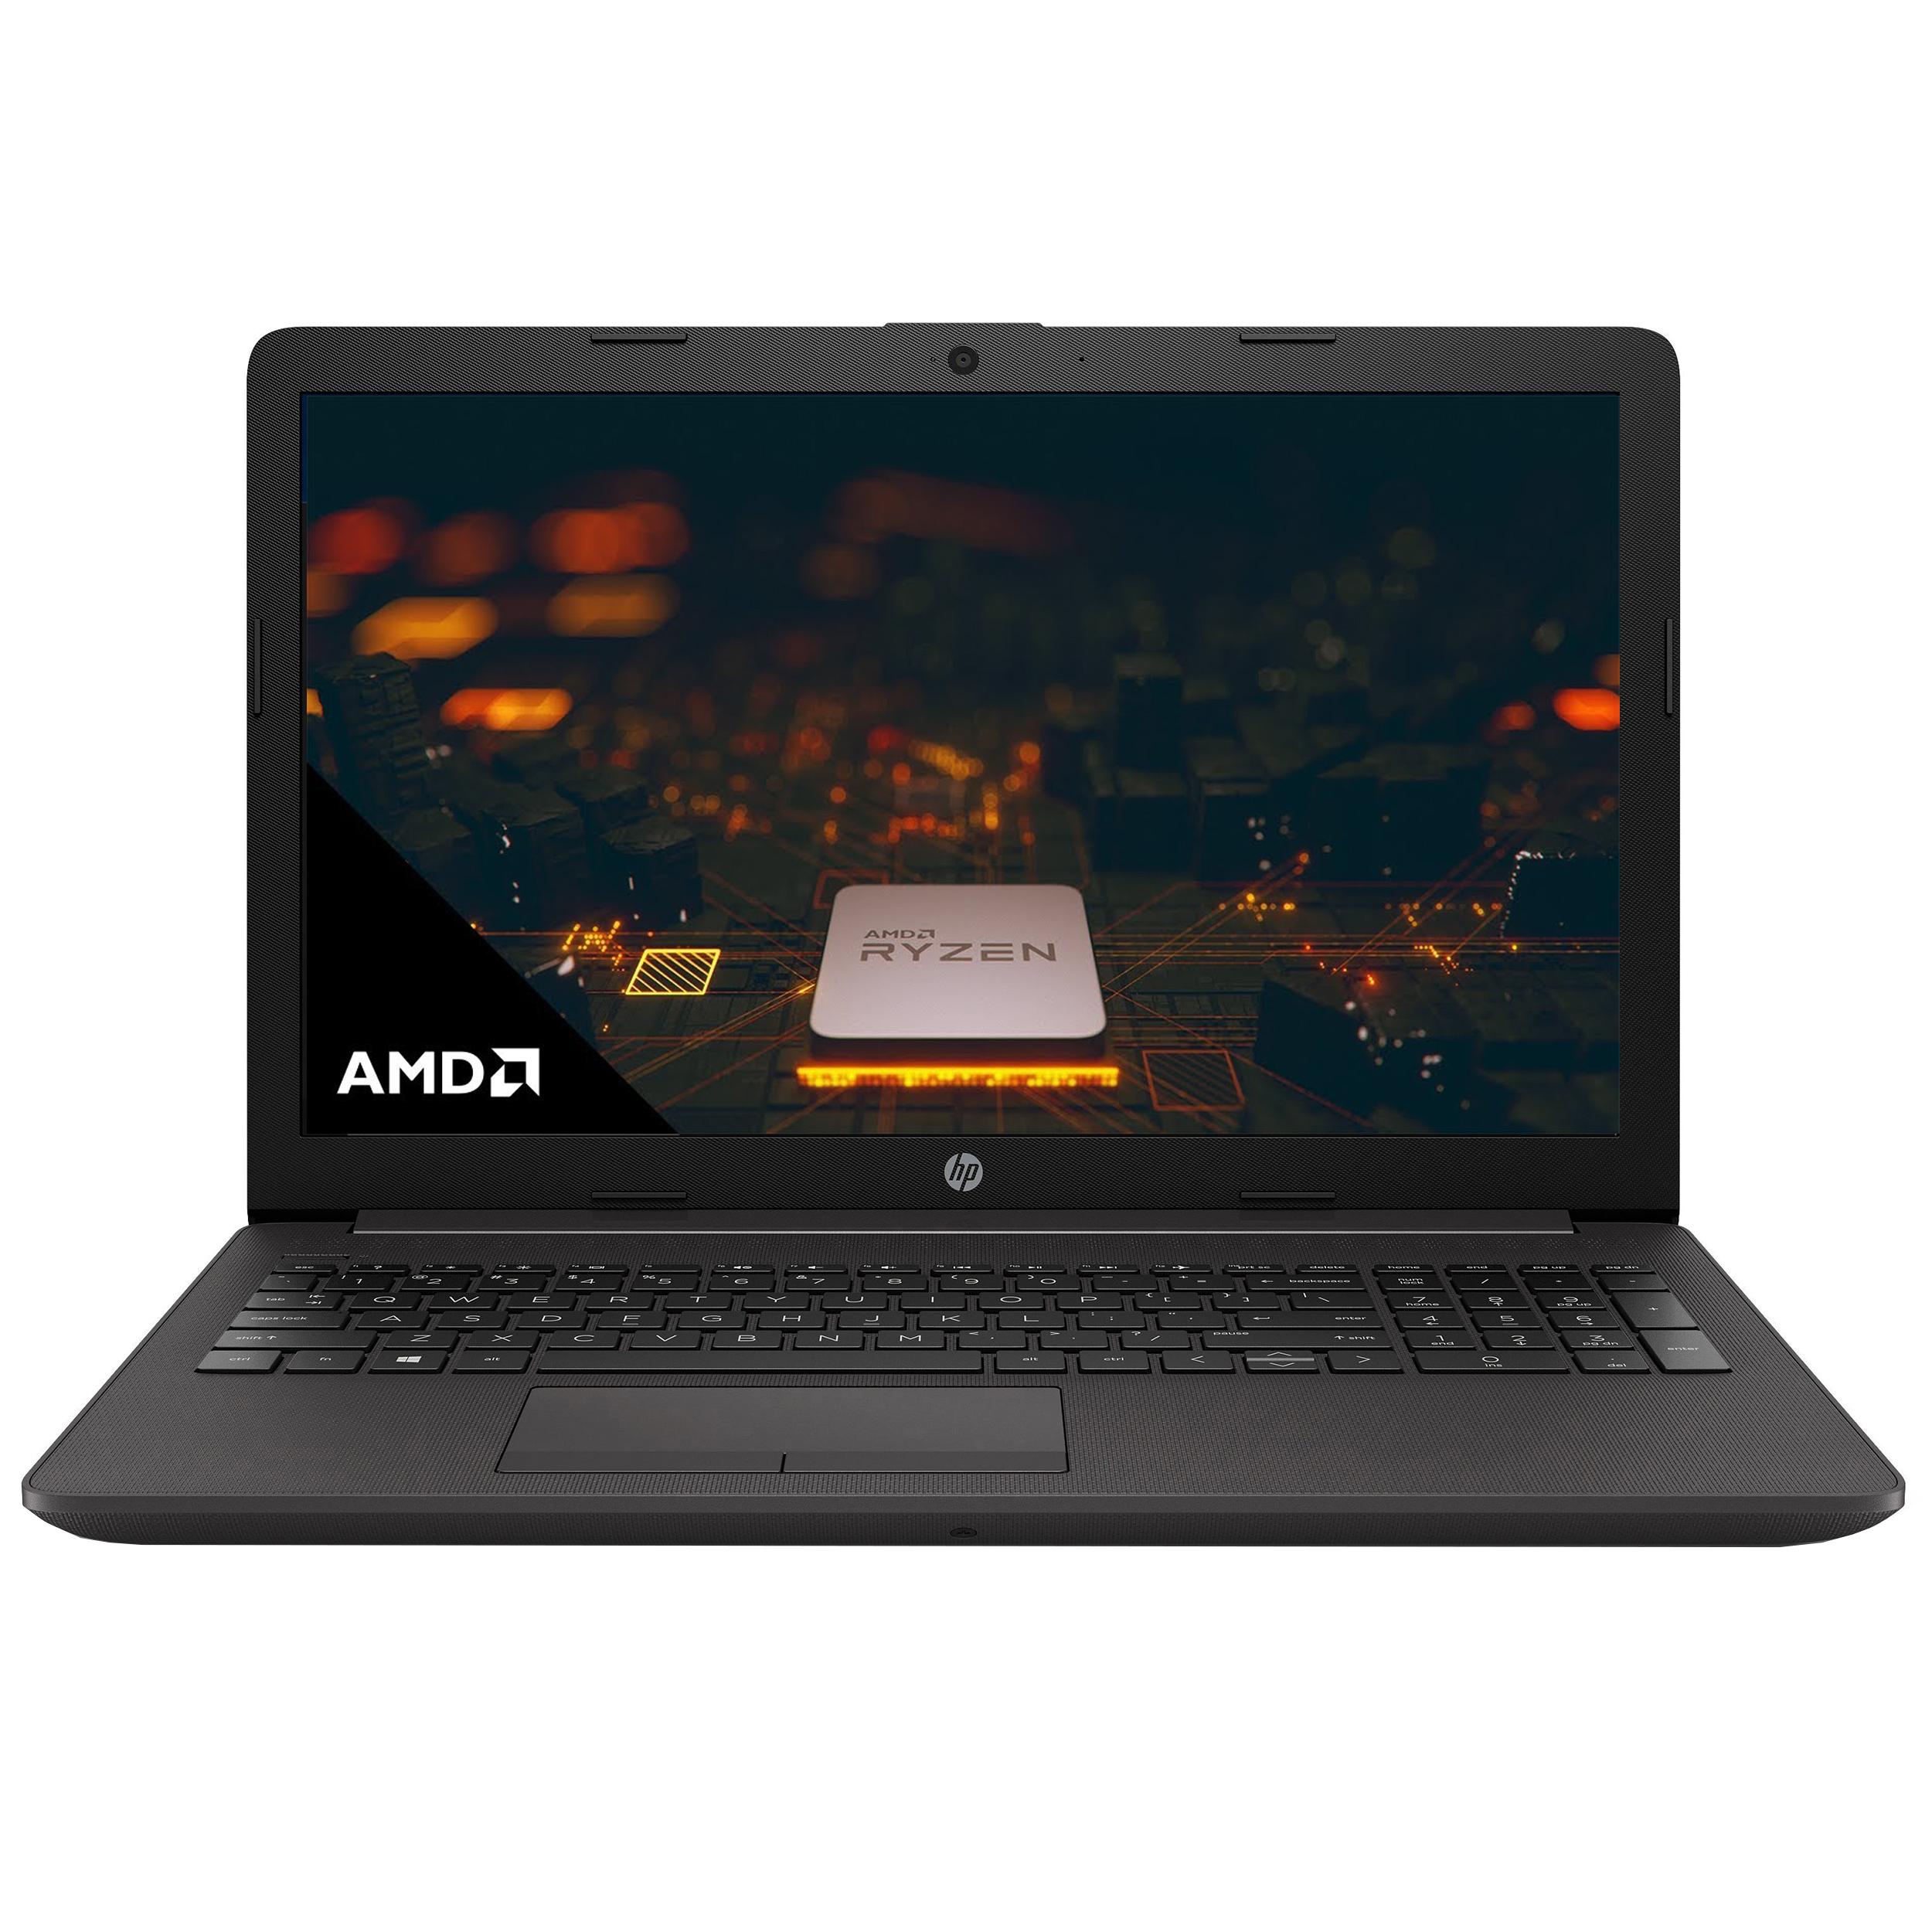 لپ تاپ 15.6 اینچی اچپی مدل 255 G7-R3B